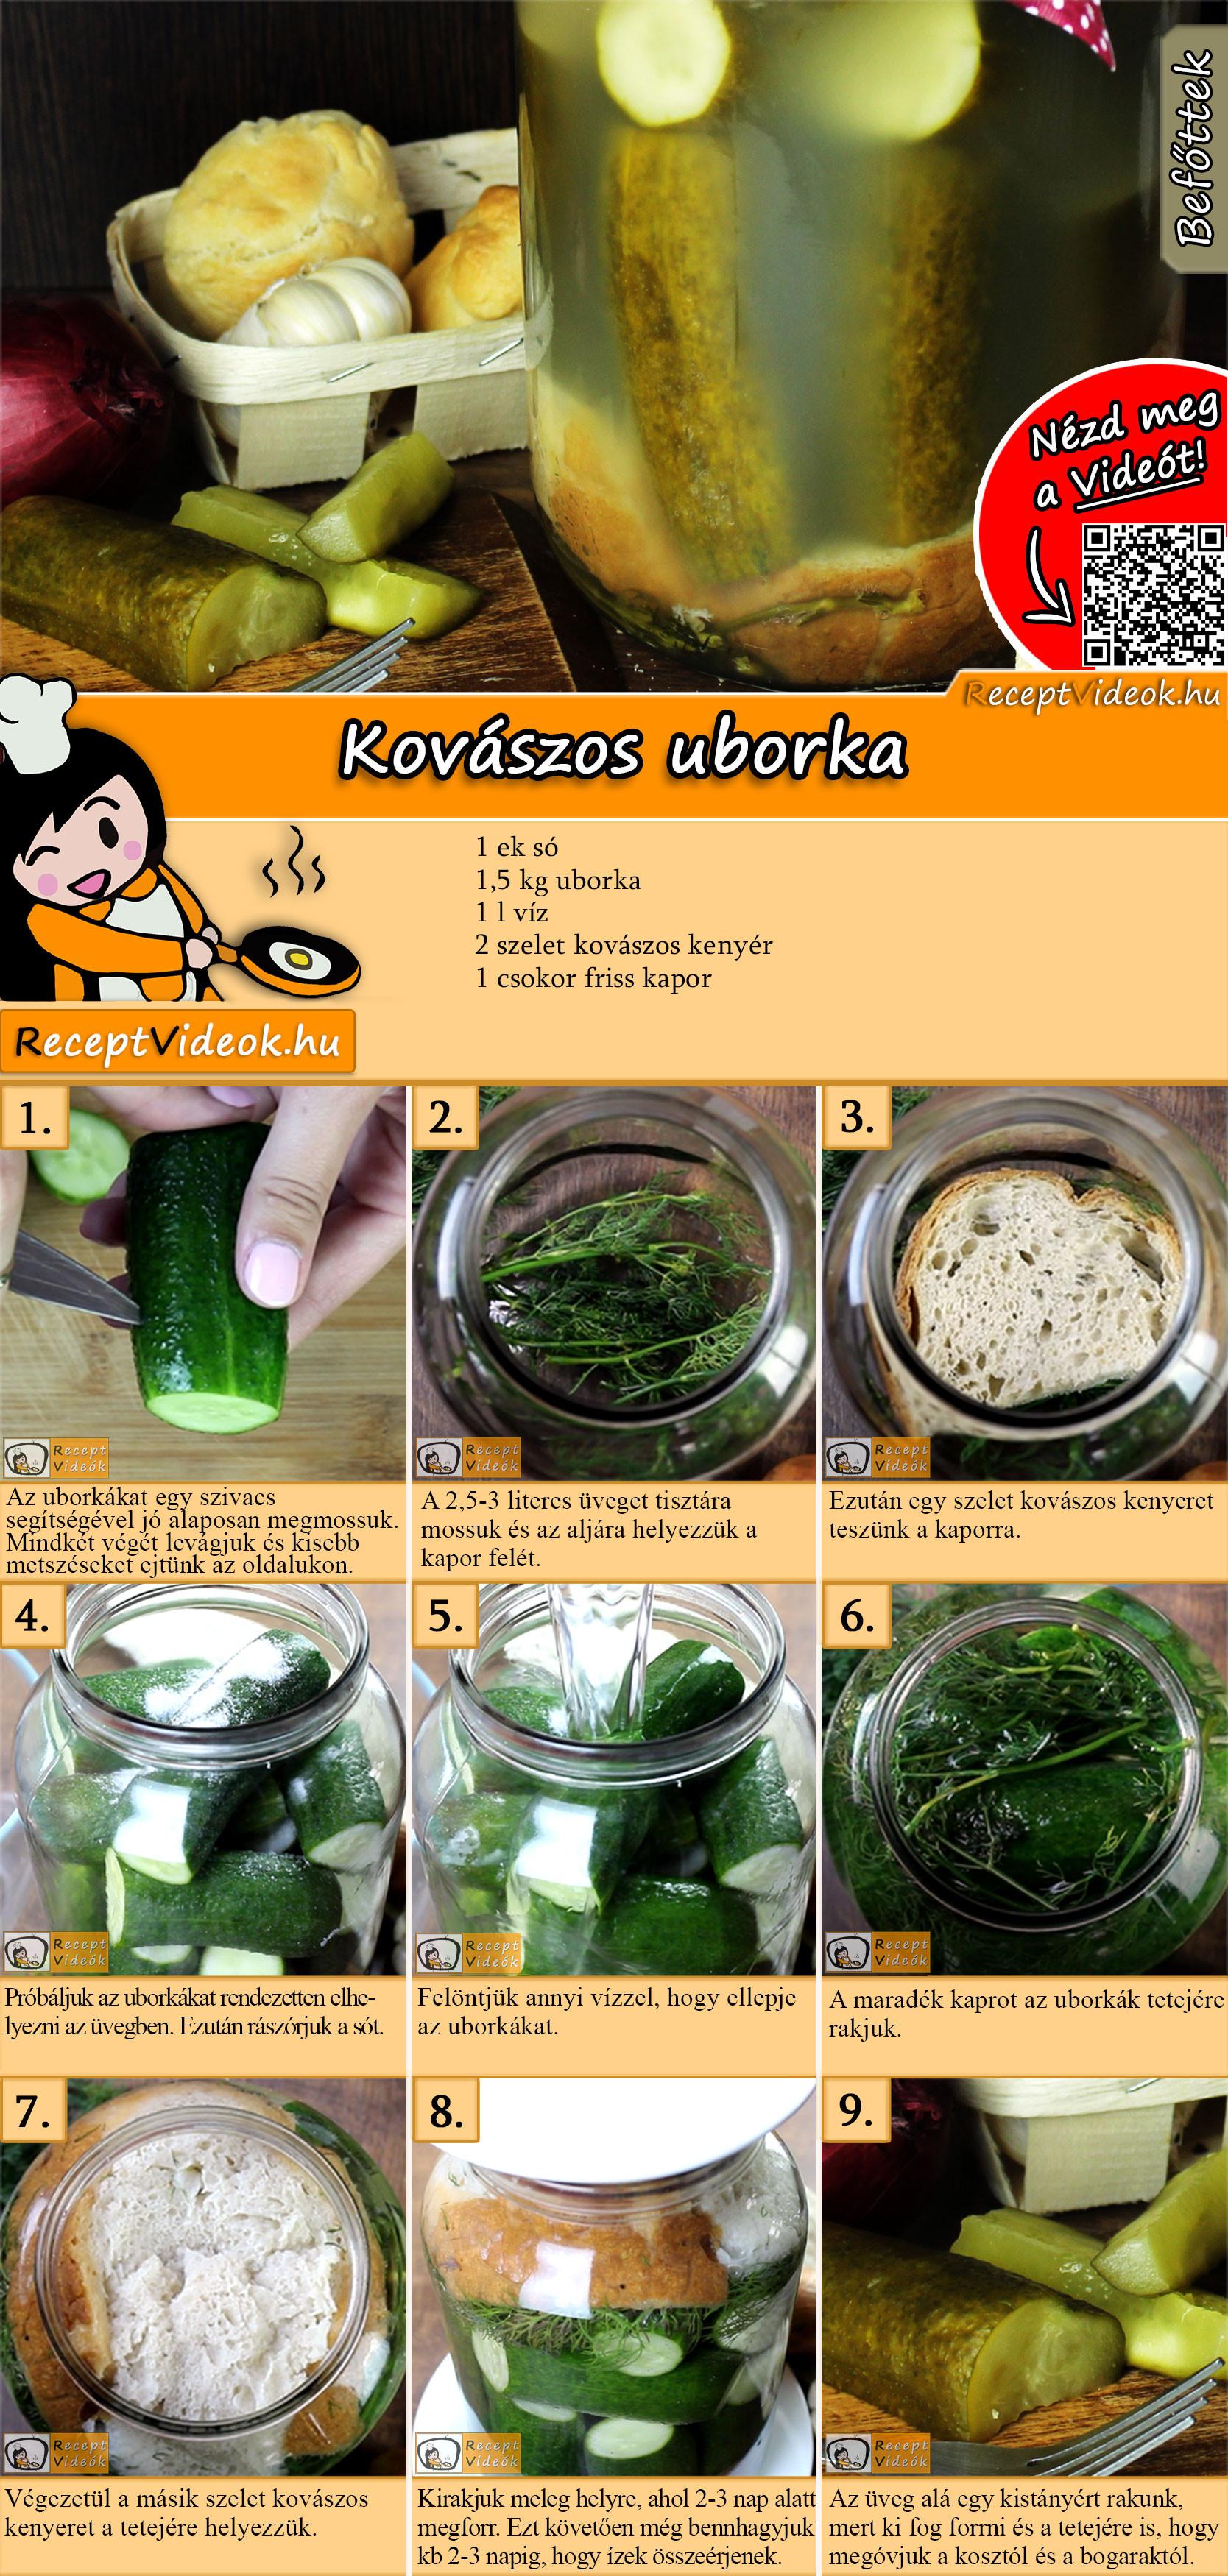 Kovászos uborka recept elkészítése videóval